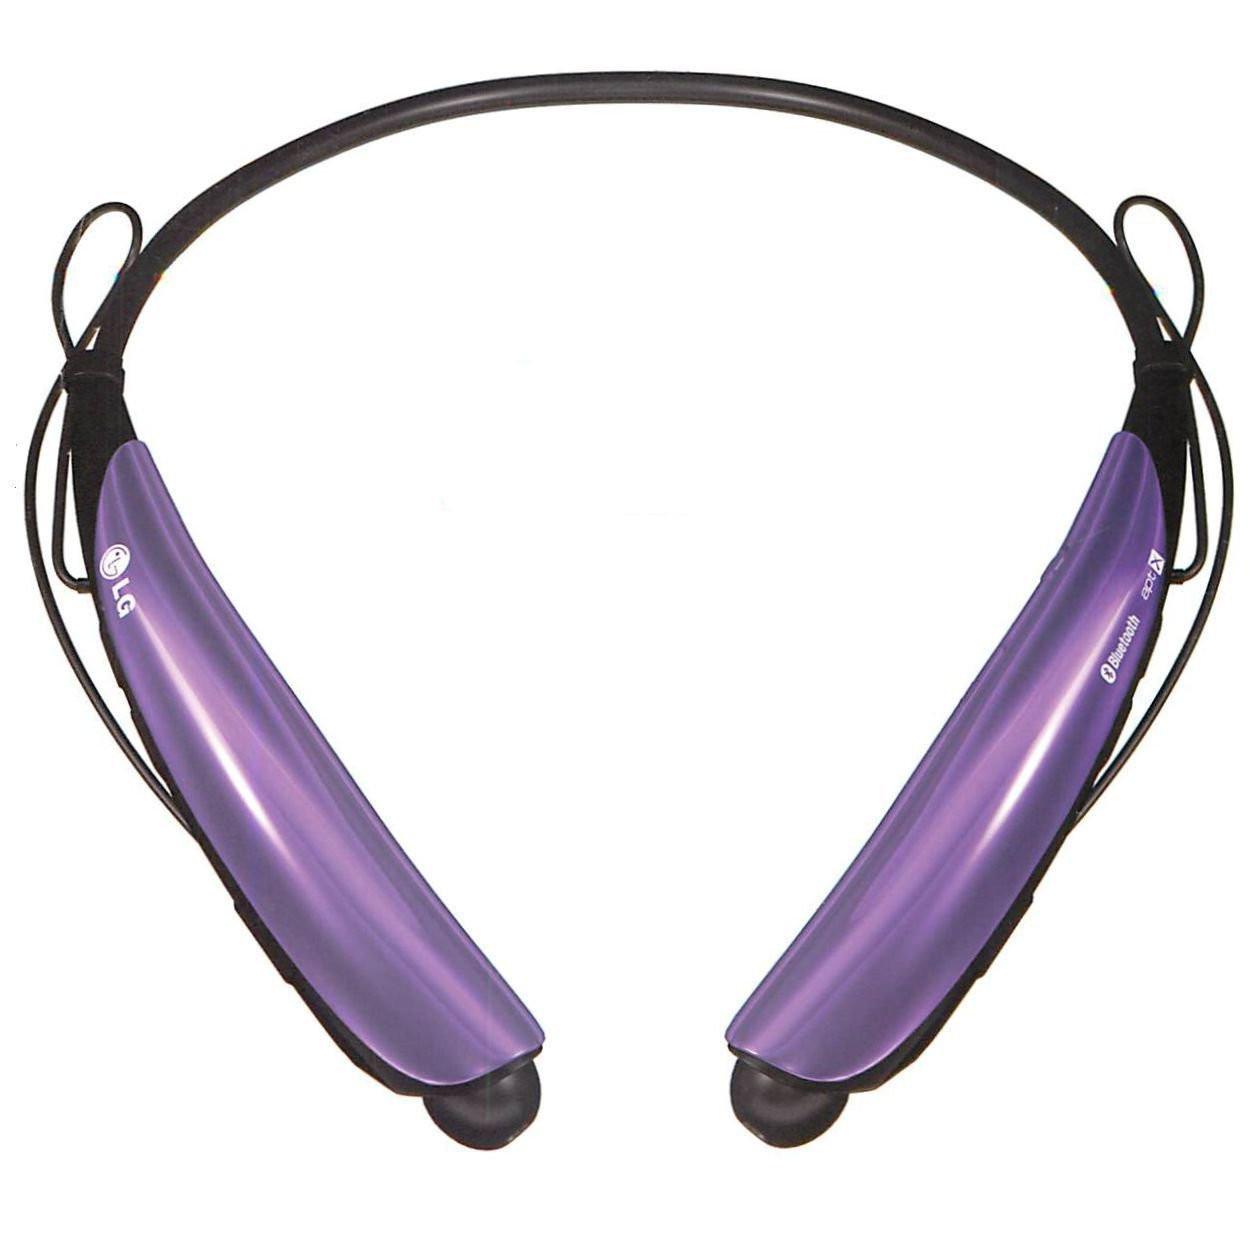 Lg bluetooth headphones purple - lg original bluetooth headphones